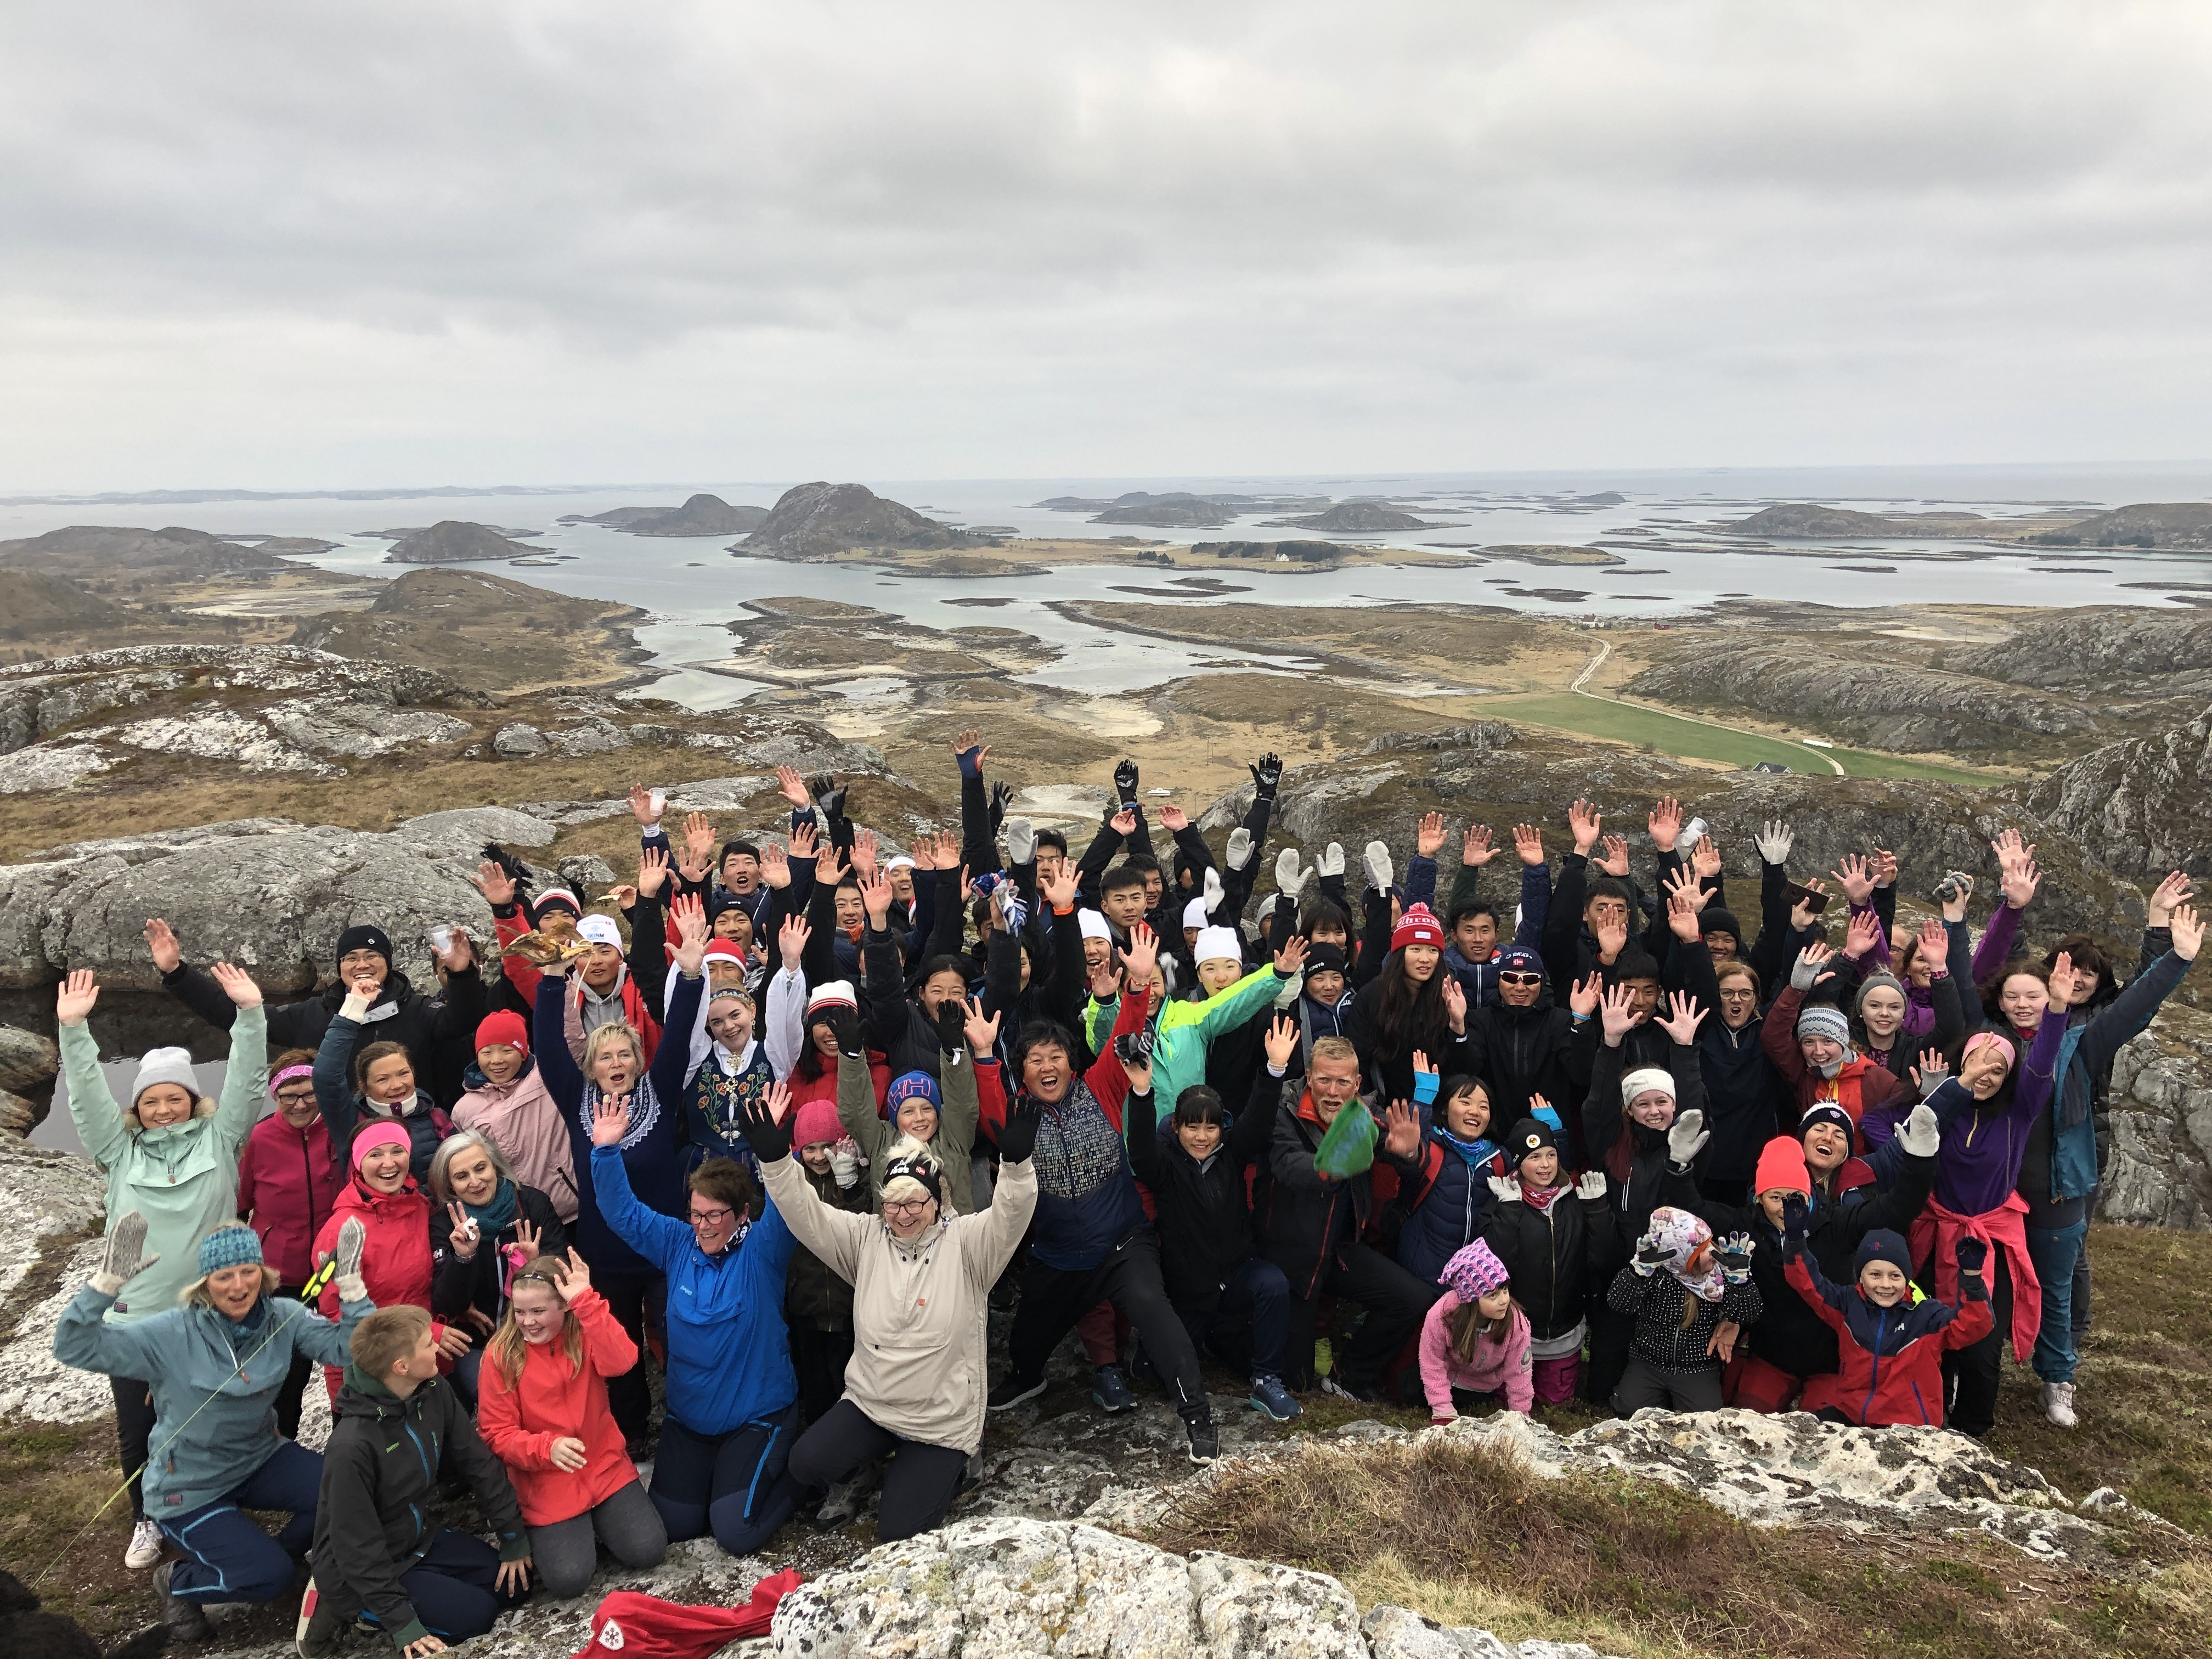 Besøk av det kinesiske rekrutteringslandslaget for langrenn_turmars på Innerøyfjellet